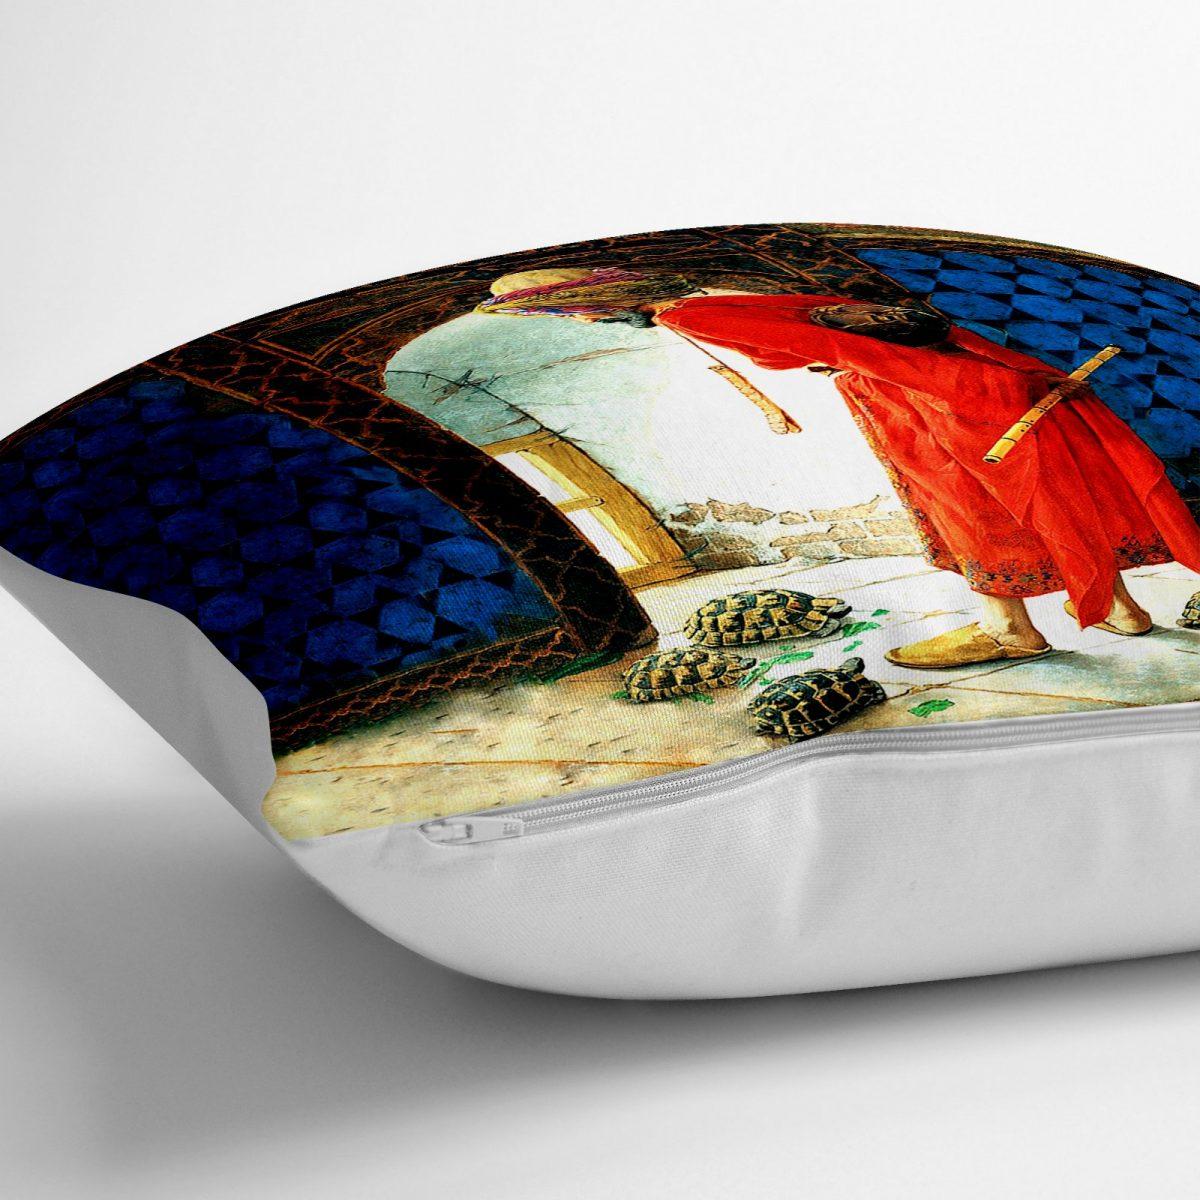 Kaplumbağa Terbiyecisi Dijital Baskılı Dekoratif Yer Minderi - 70 x 70 cm Realhomes